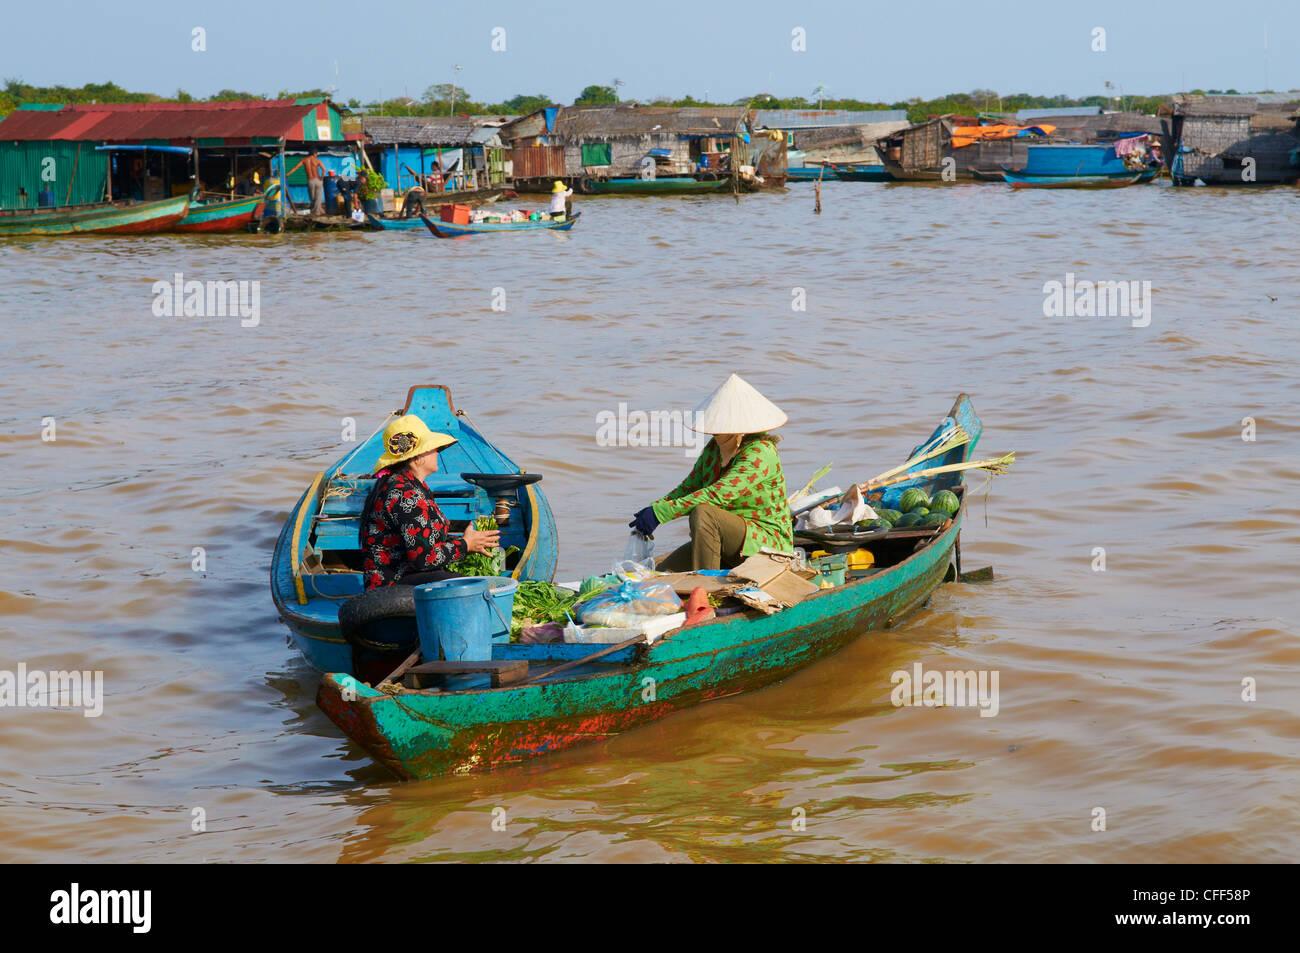 Schwimmende vietnamesischen Dorf, See Tonle Sap, UNESCO-Biosphärenreservat, Kambodscha, Indochina, Südostasien, Stockbild